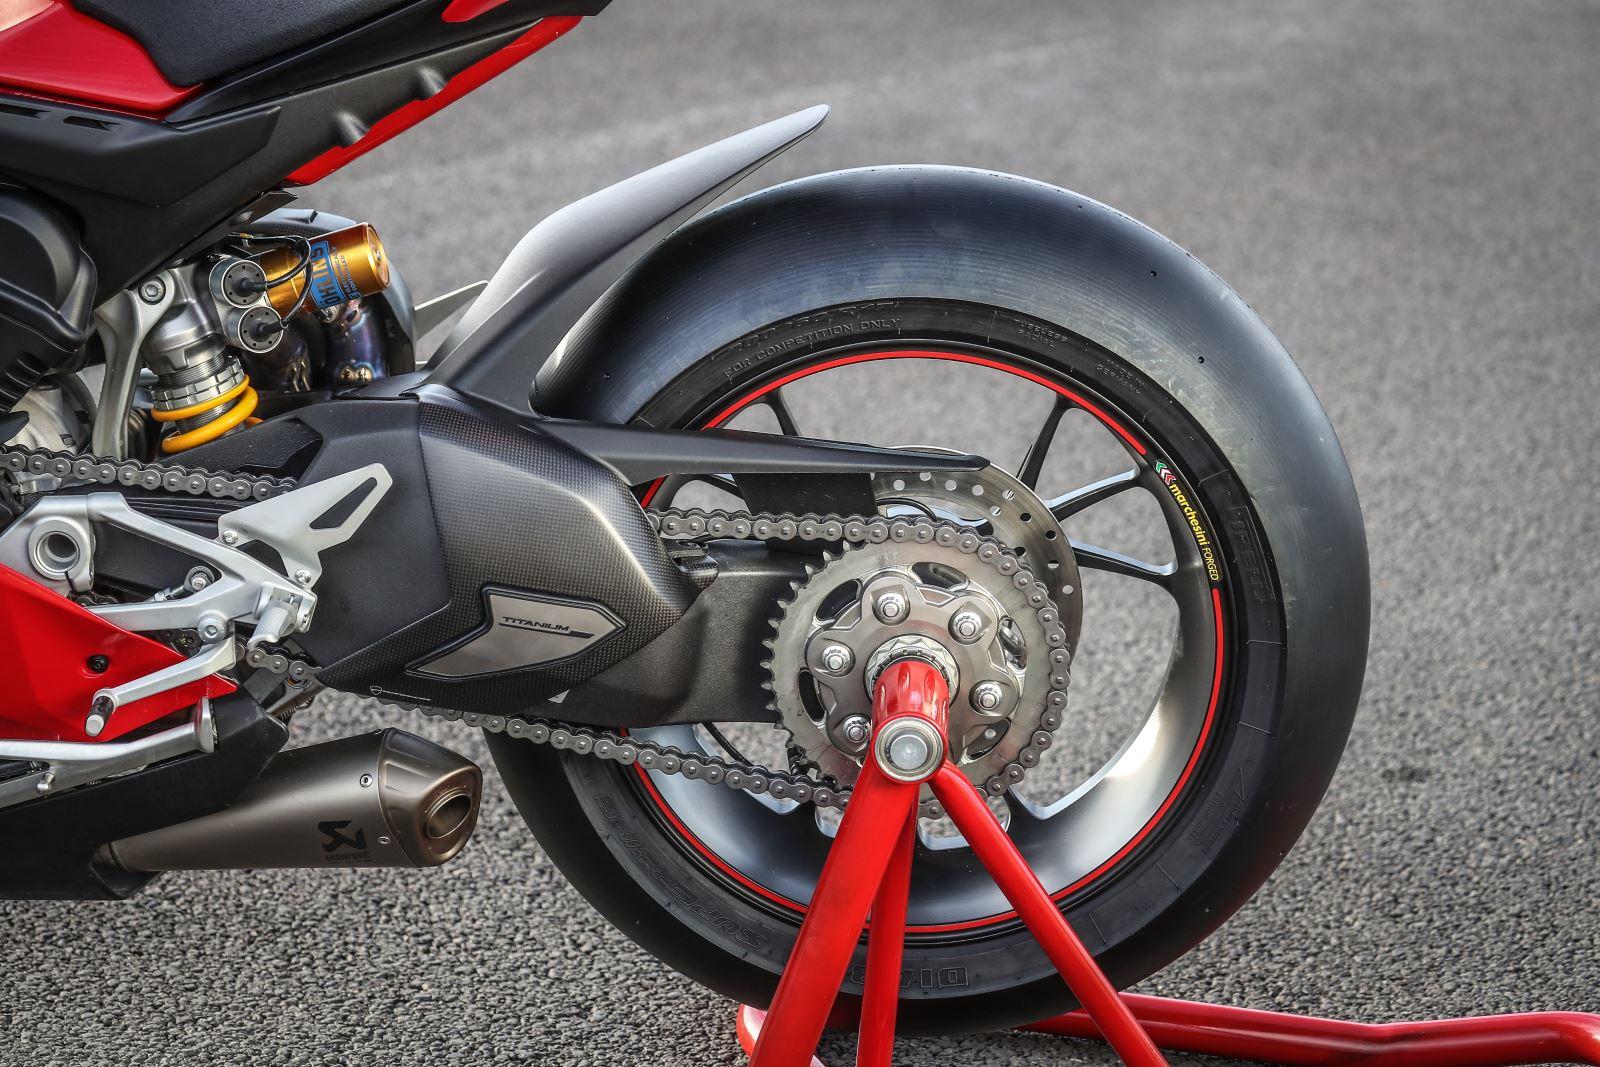 Ducati Panigale V4: Gerçekten Efsanesi Kadar İyi Mi? 8. İçerik Fotoğrafı